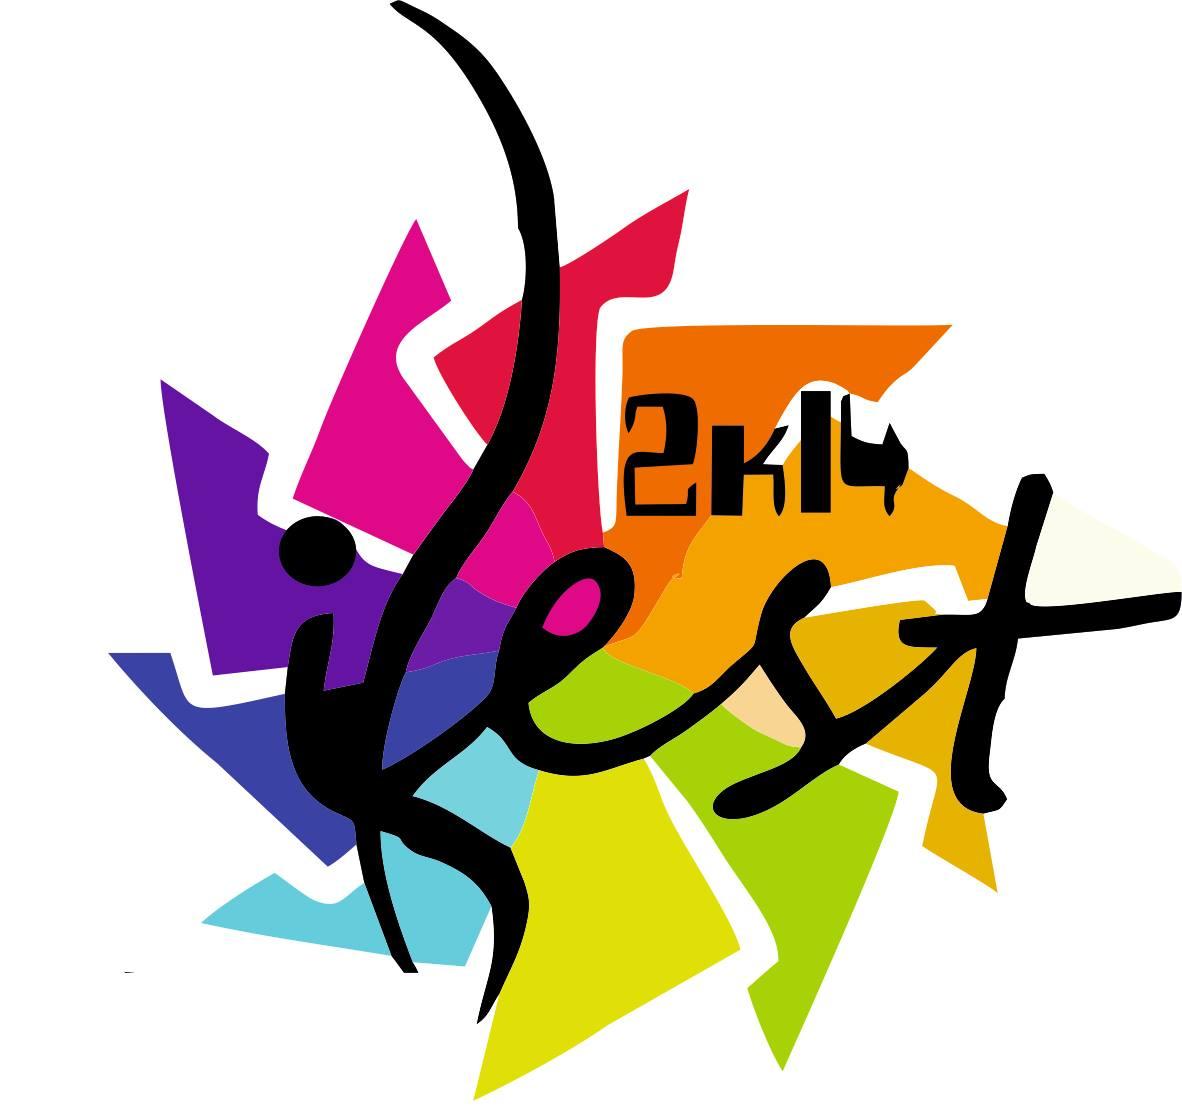 iFest 2k14